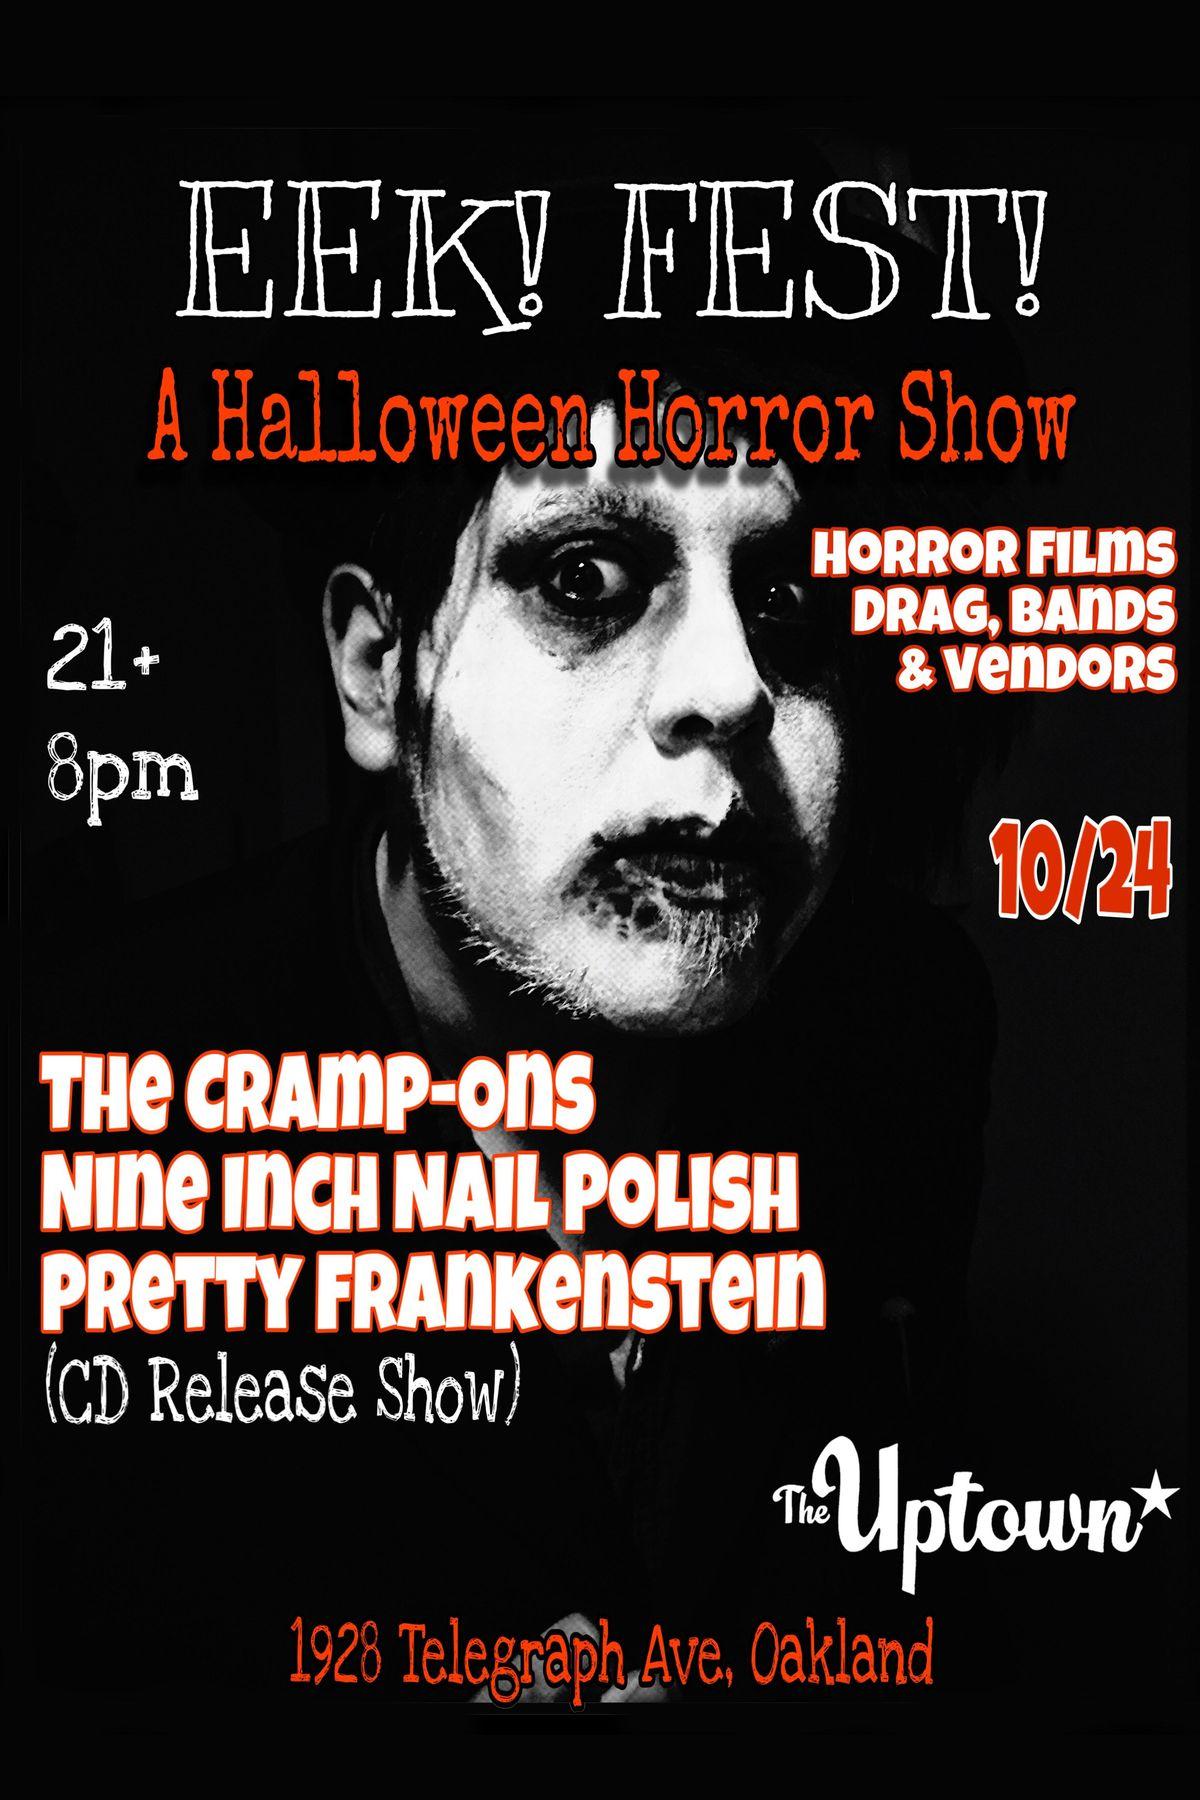 EEK FEST A Halloween Horror Show